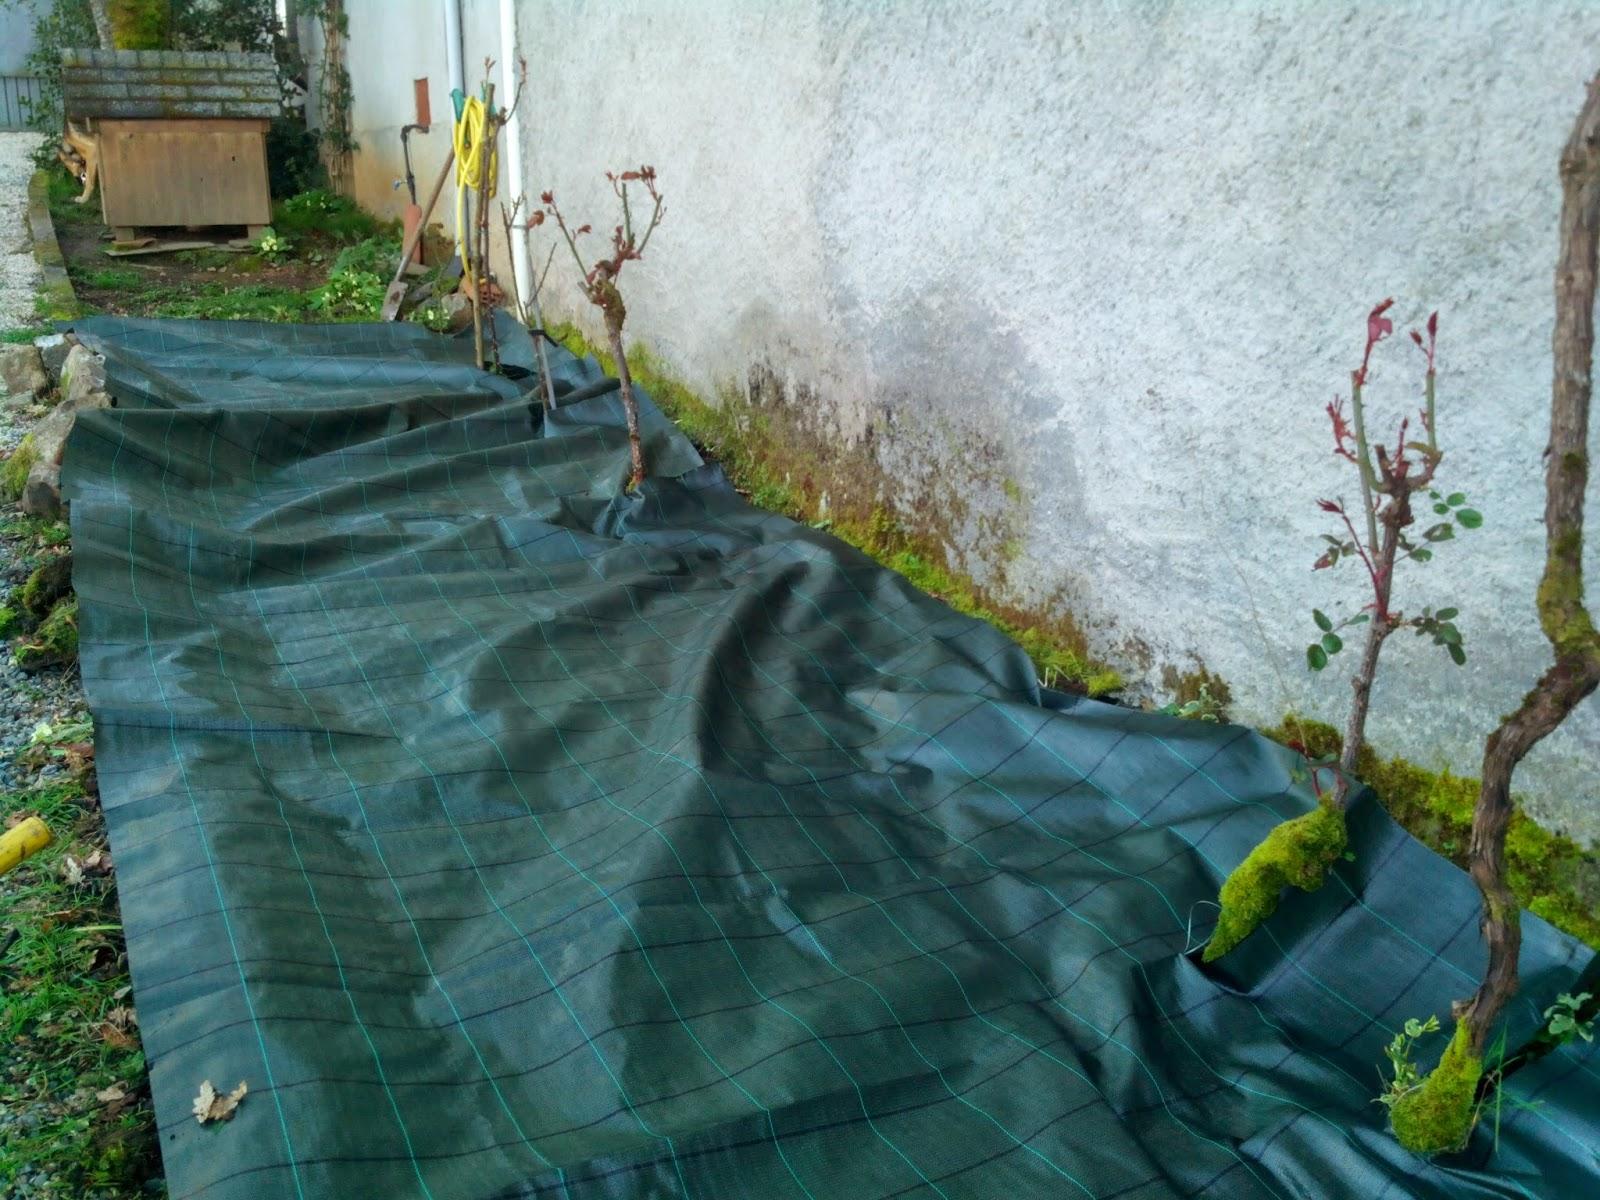 Amoxetar construcci n de un xerojard n for Como quitar la mala hierba del jardin